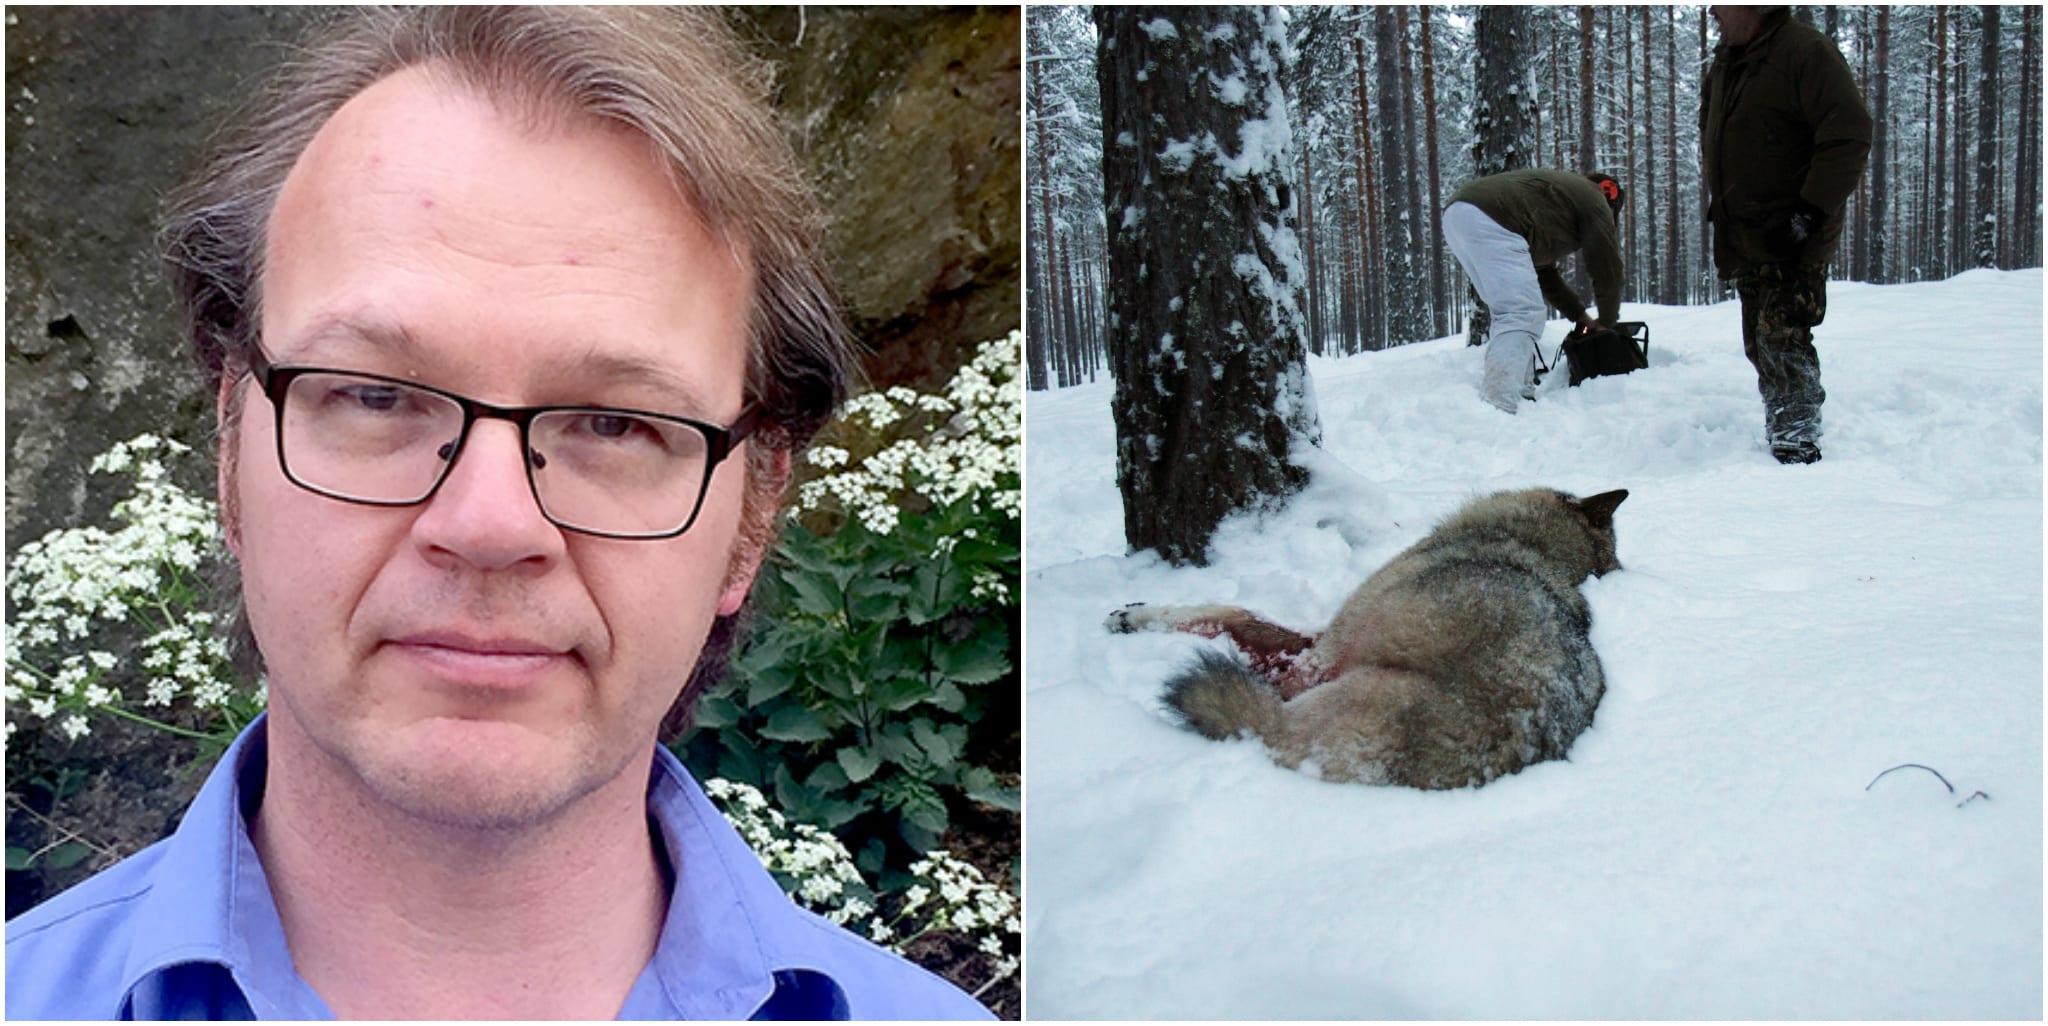 Rovdjursföreningens ordförande Torbjörn Nilsson ger sin förklaring till varför föreningen inte ville delta i förra veckans symposium som syftade till att bekämpa illegal jakt på varg.